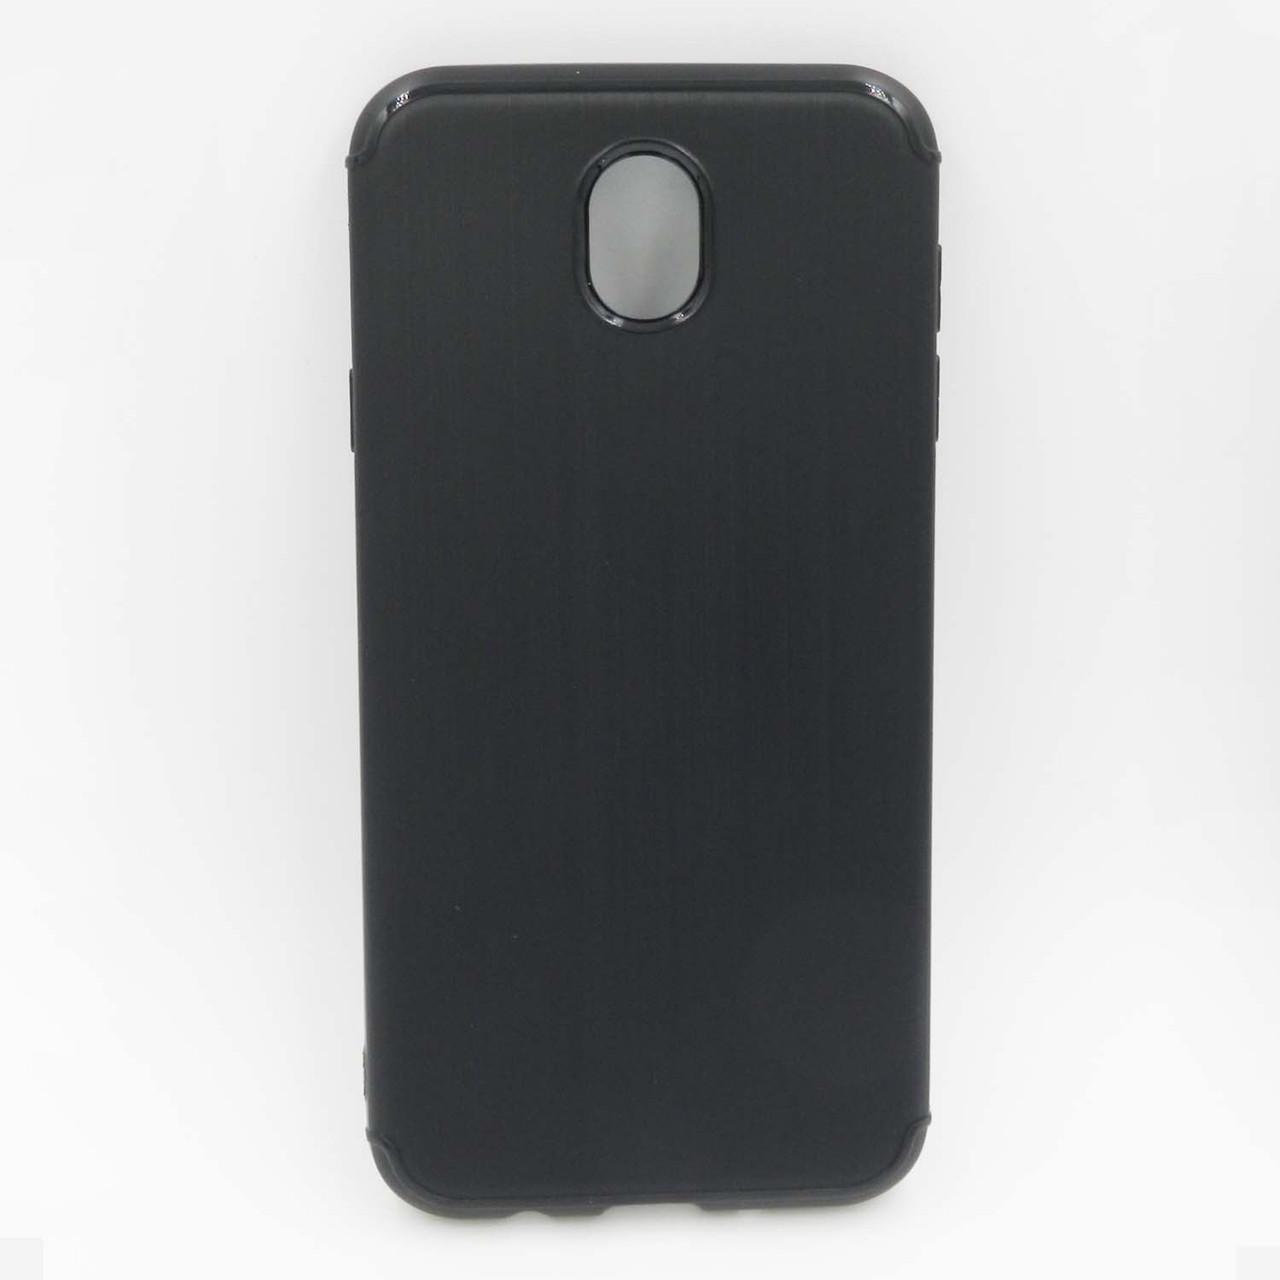 Чохол накладка для Samsung Galaxy J5 2017 J530 силіконовий, Фактура металу, чорний